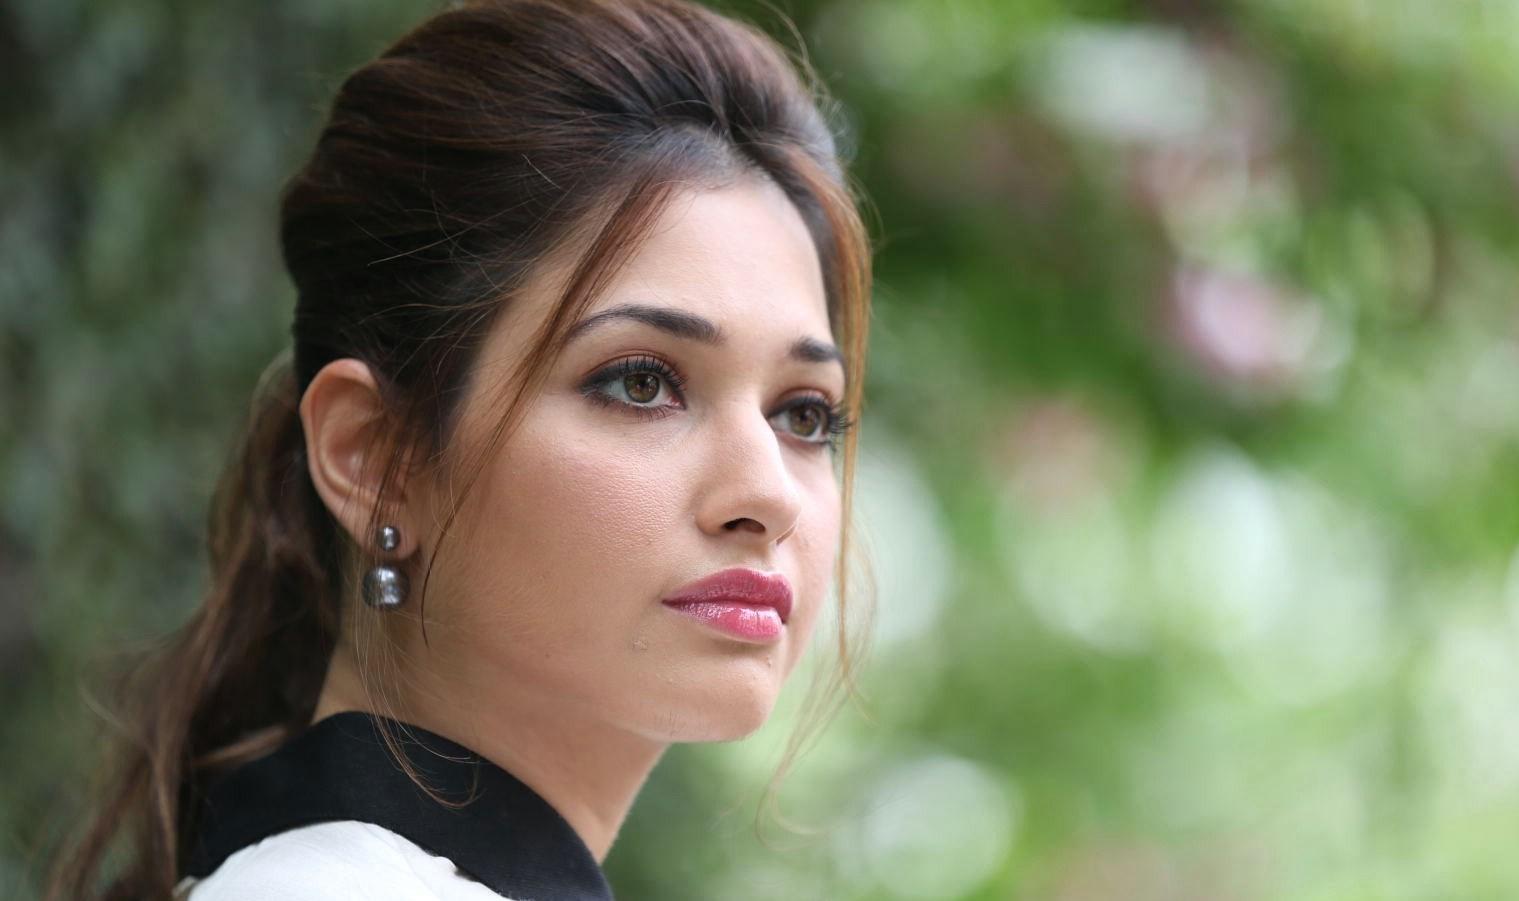 Girl In Saree Hd Wallpaper Actress Gorgeous Tamanna Bhatia Cute Photos At Baahubali